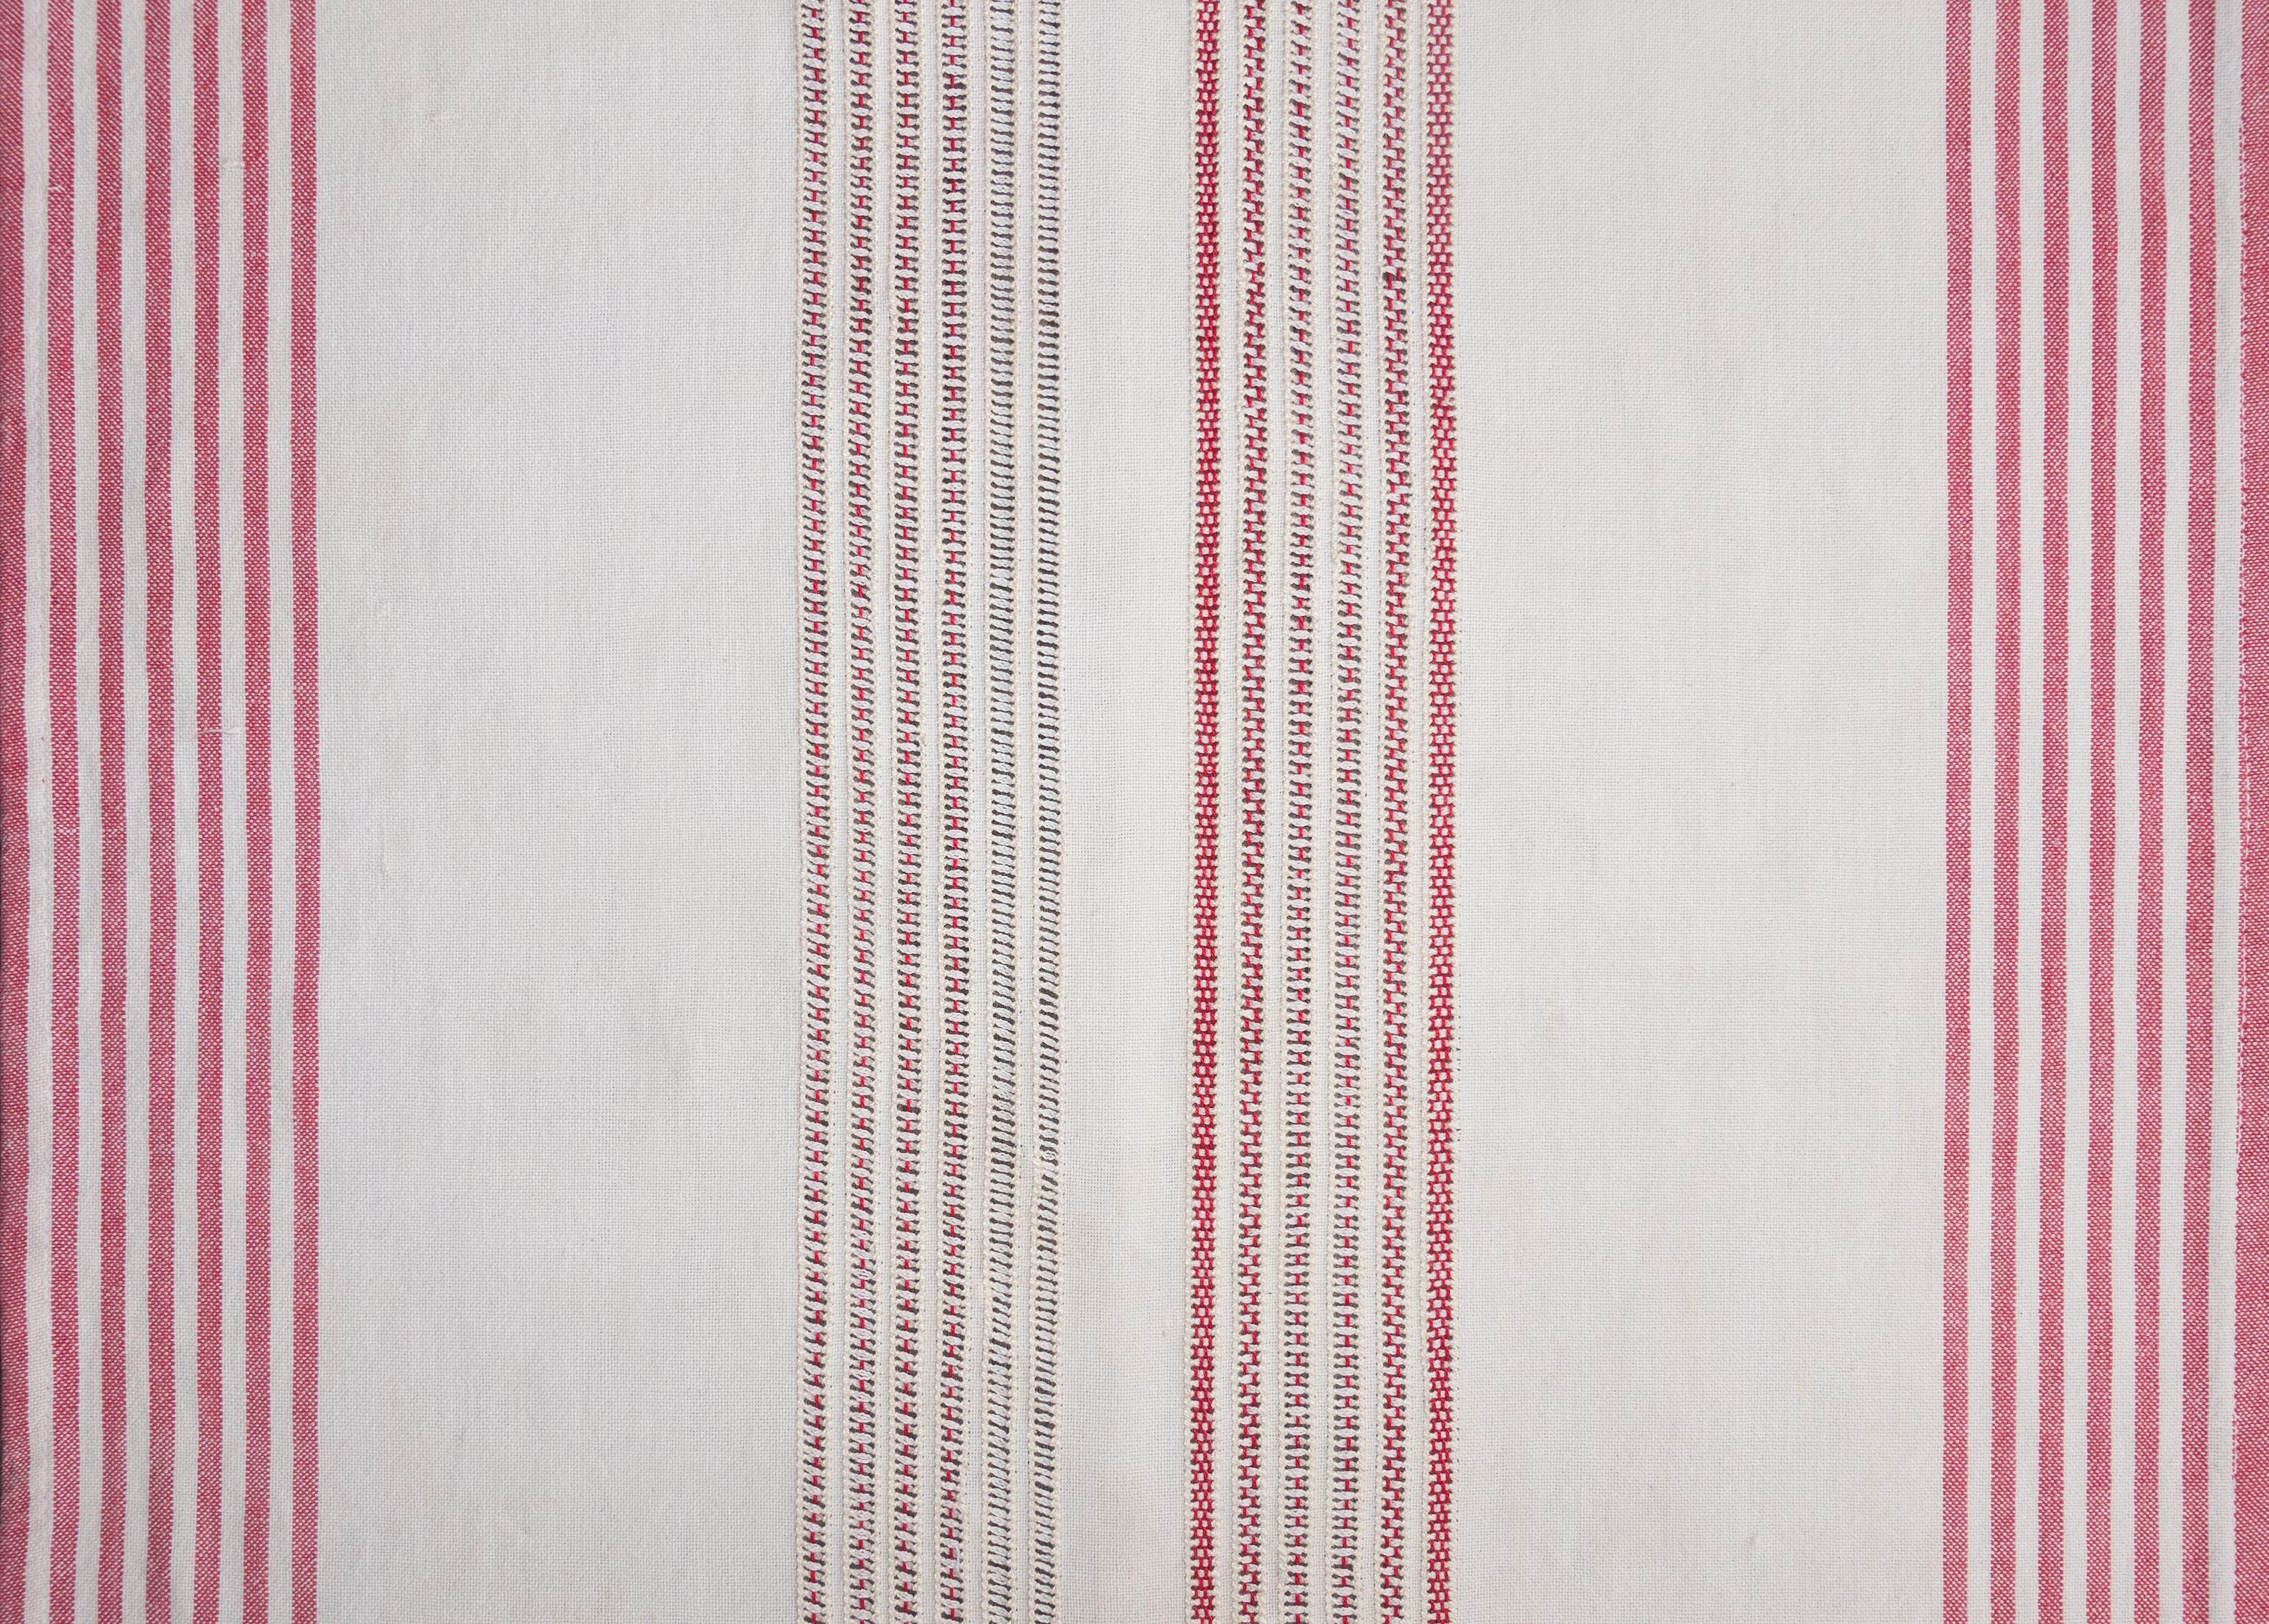 © Axelle Stiefel und Camille Aleña, Der Rote Faden., Detail, Geflicktes Küchentuch (Stickerei), 2018